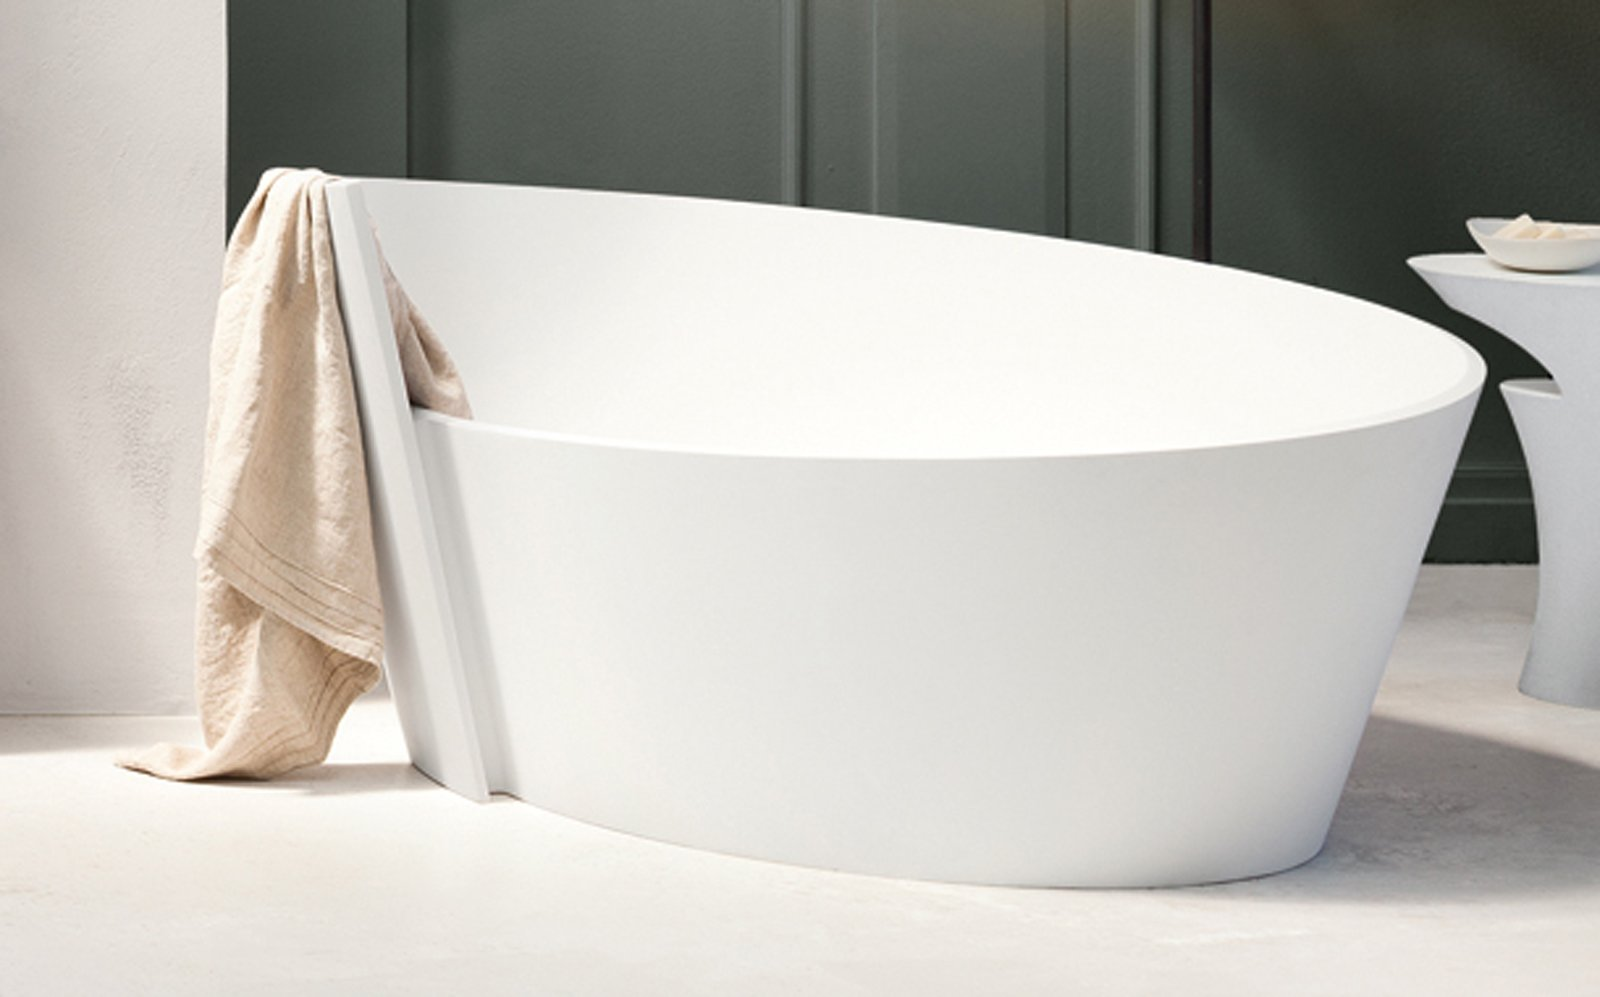 La vasca per valorizzare il bagno cose di casa - Vasca bagno dimensioni ...